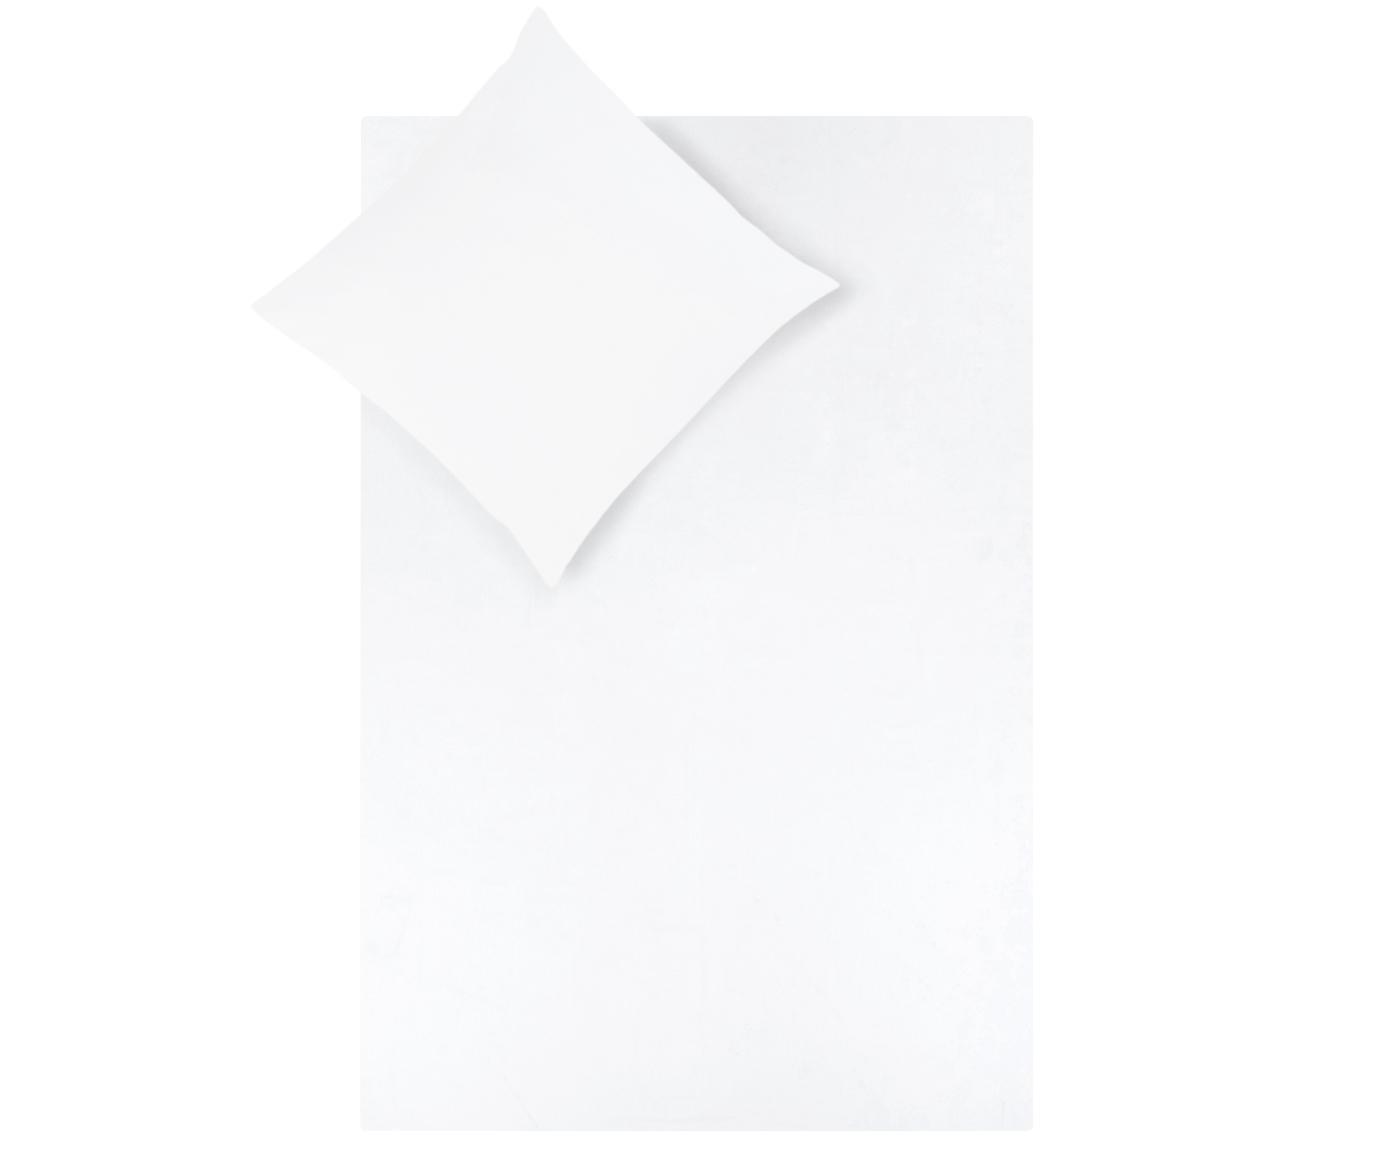 Baumwollsatin-Bettwäsche Comfort in Weiss, Webart: Satin Fadendichte 250 TC,, Weiss, 200 x 200 cm + 2 Kissen 80 x 80 cm